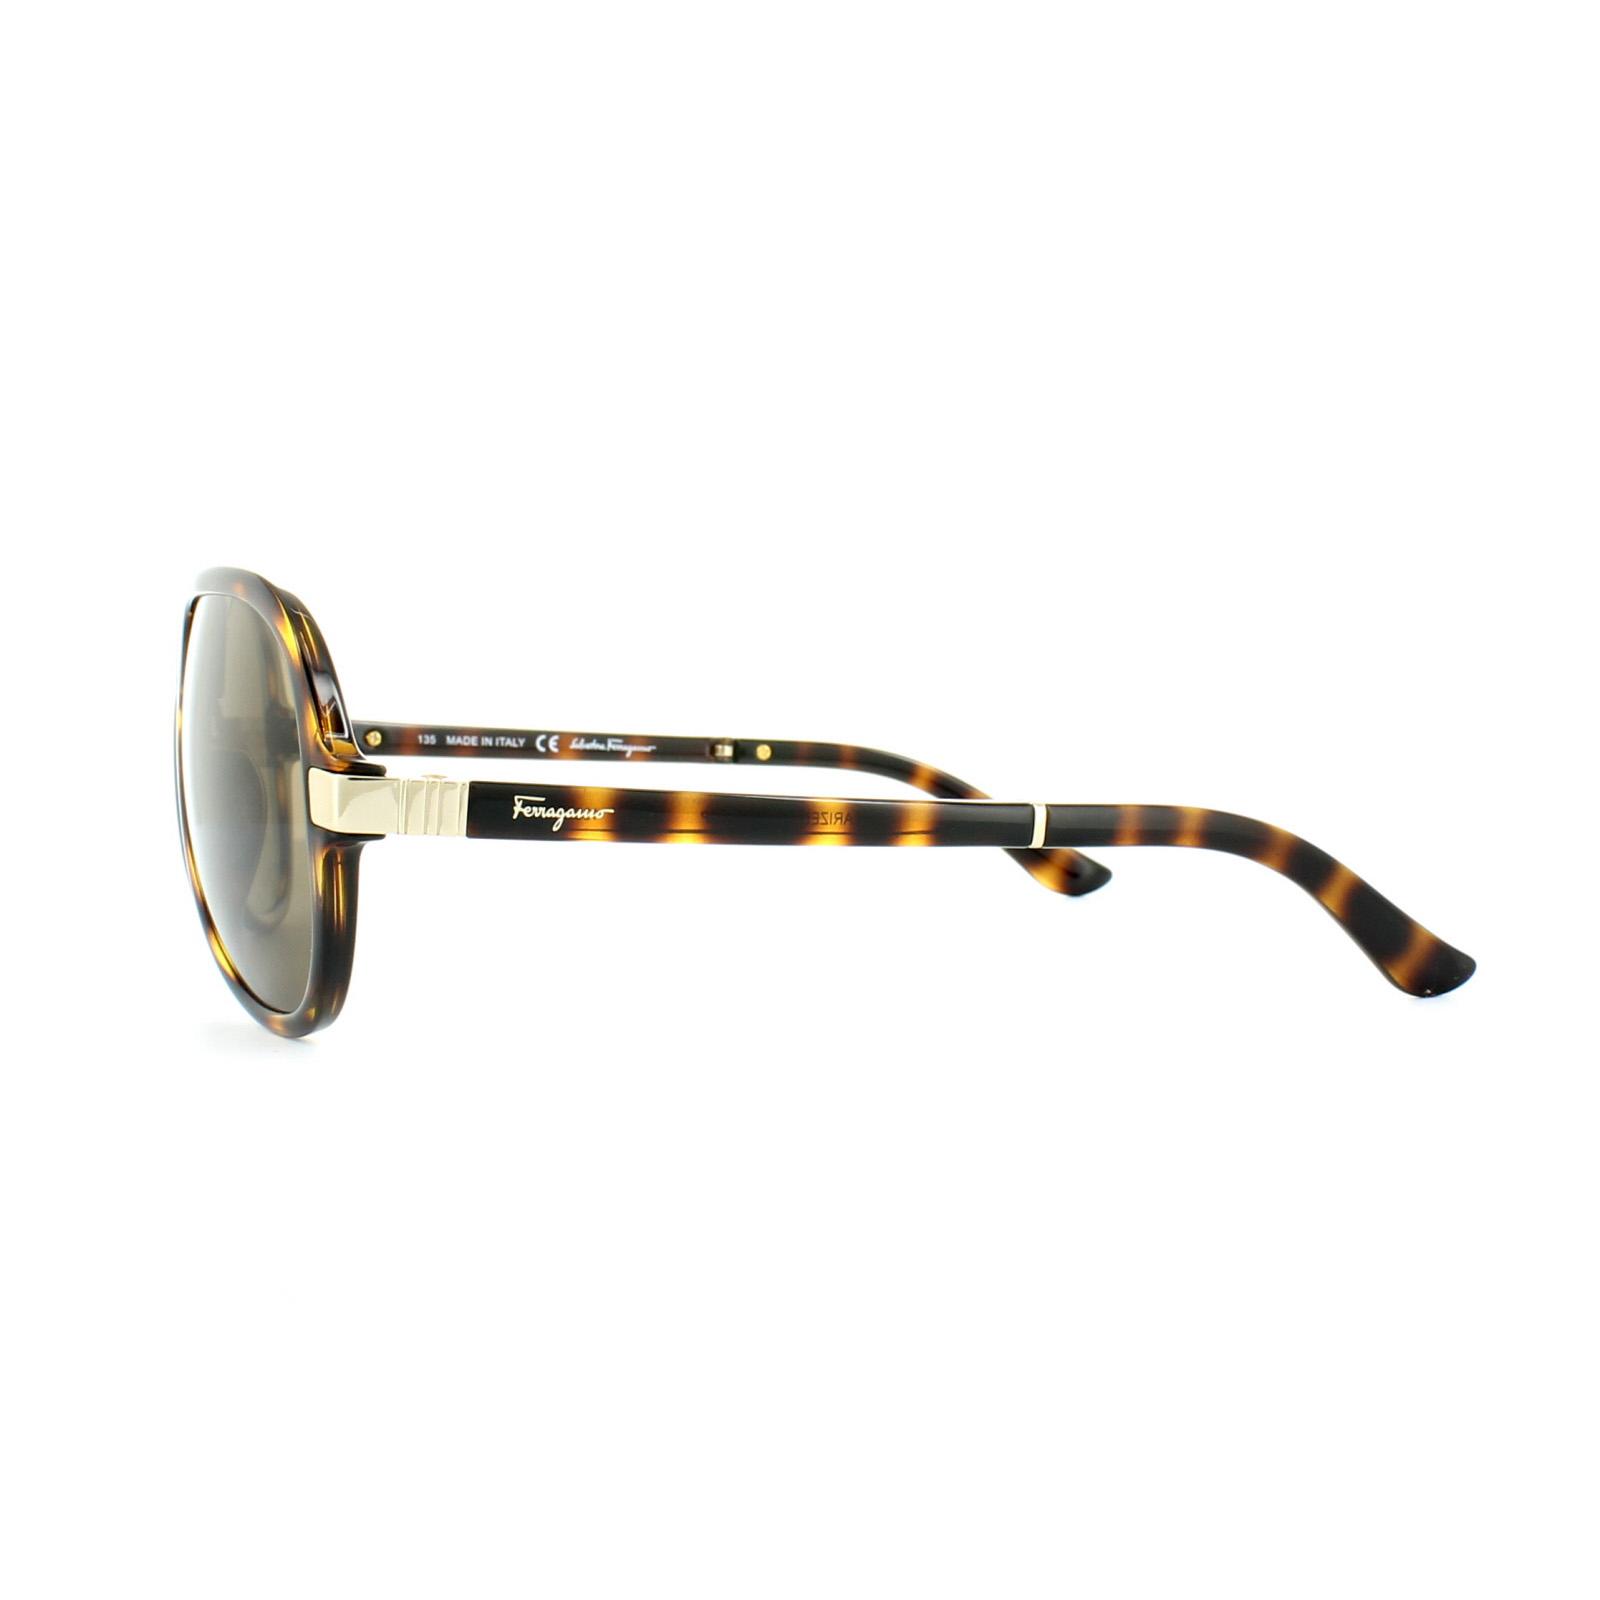 15d5a3a747fc Cheap Salvatore Ferragamo SF662SP Folding Sunglasses - Discounted ...